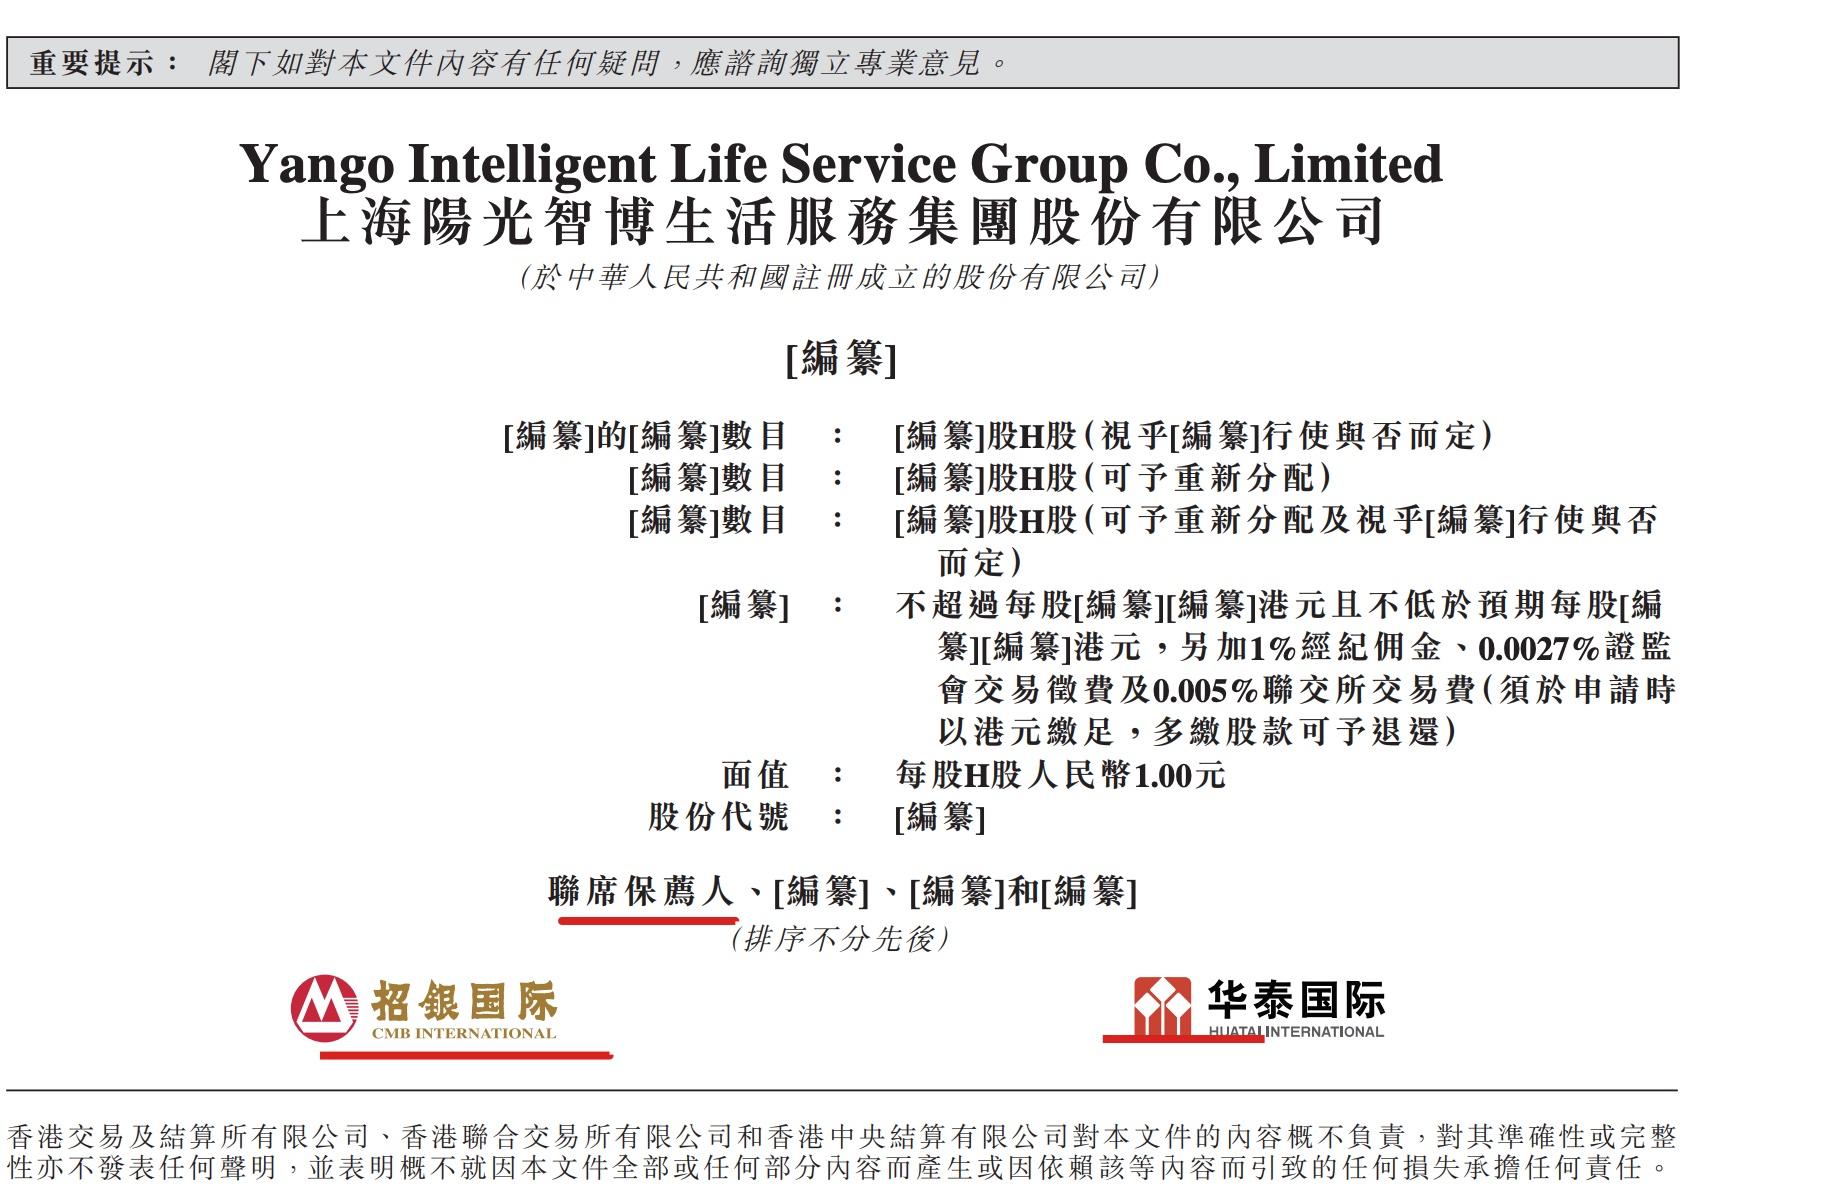 阳光智博服务赴港IPO:在管面积3160万方 94.4%收入来自母公司